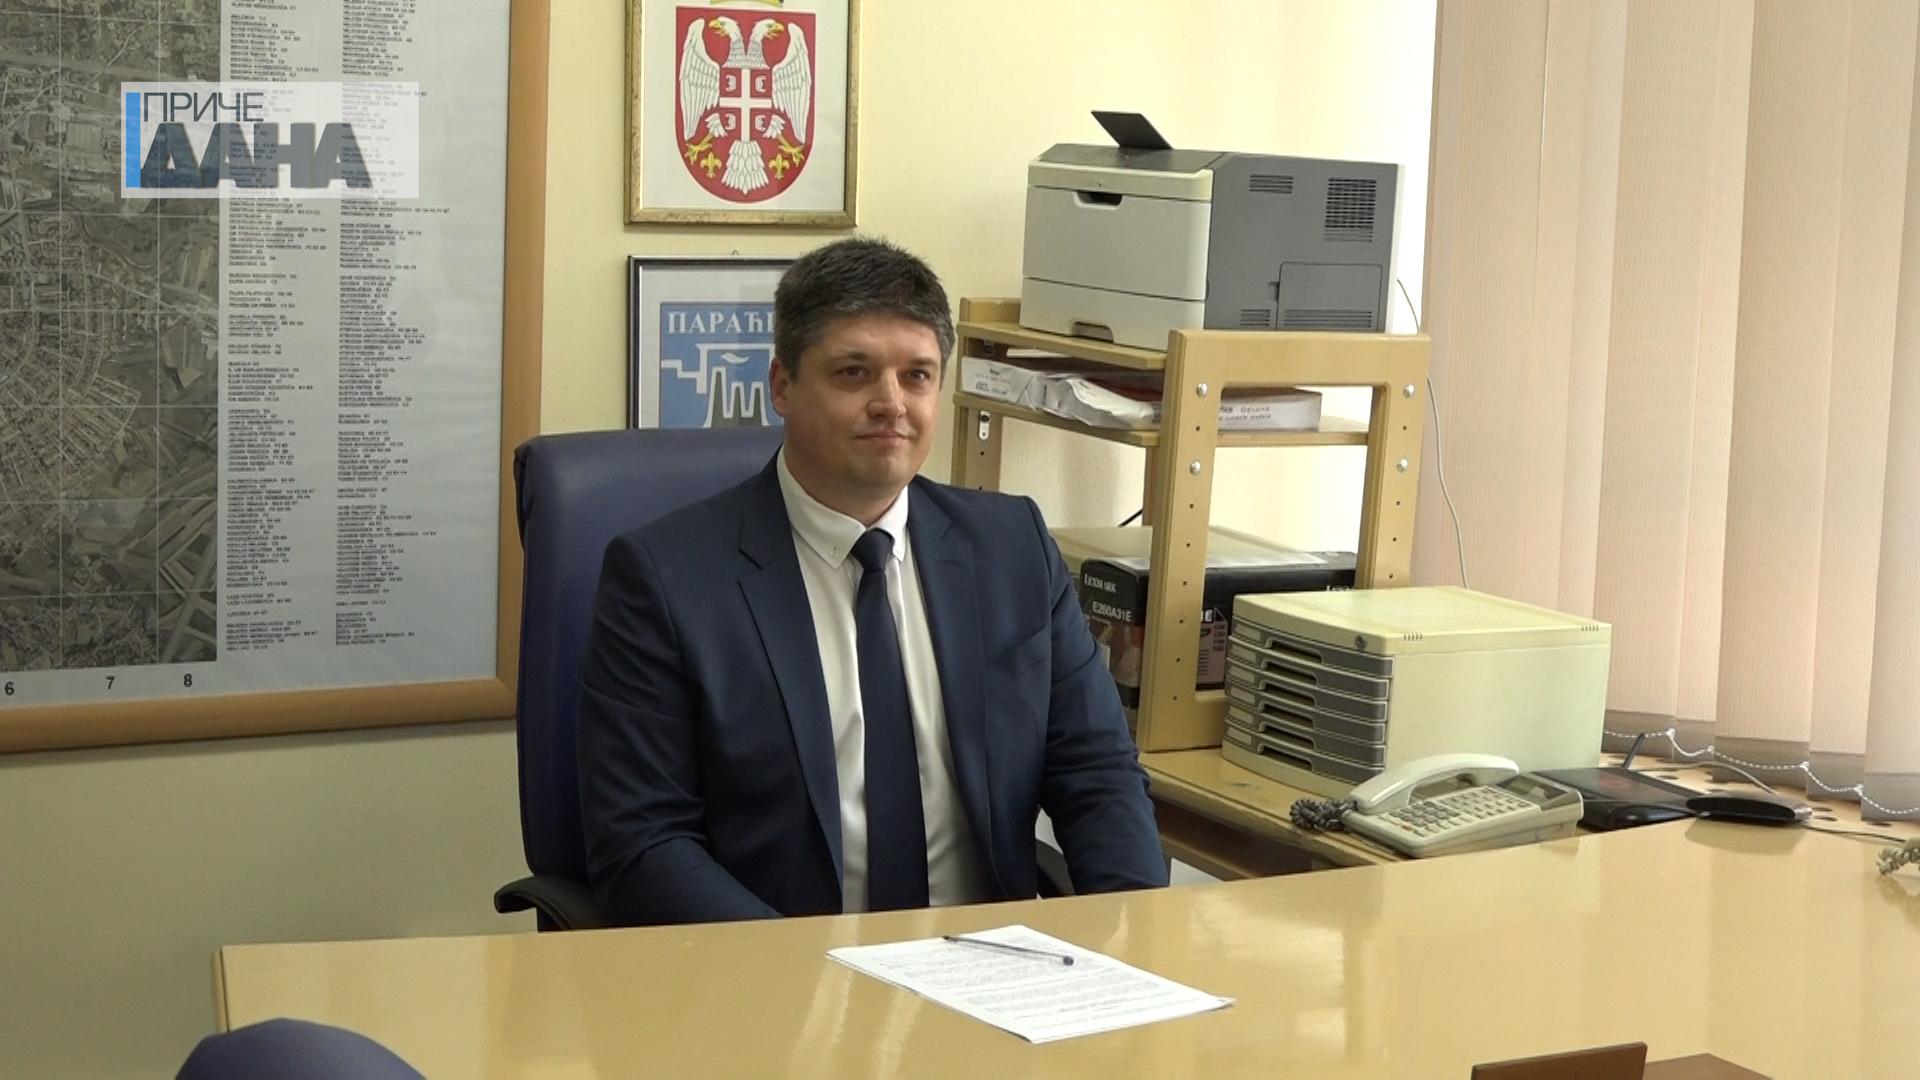 Primopredaja dužnosti predsednika Opštine Paraćin